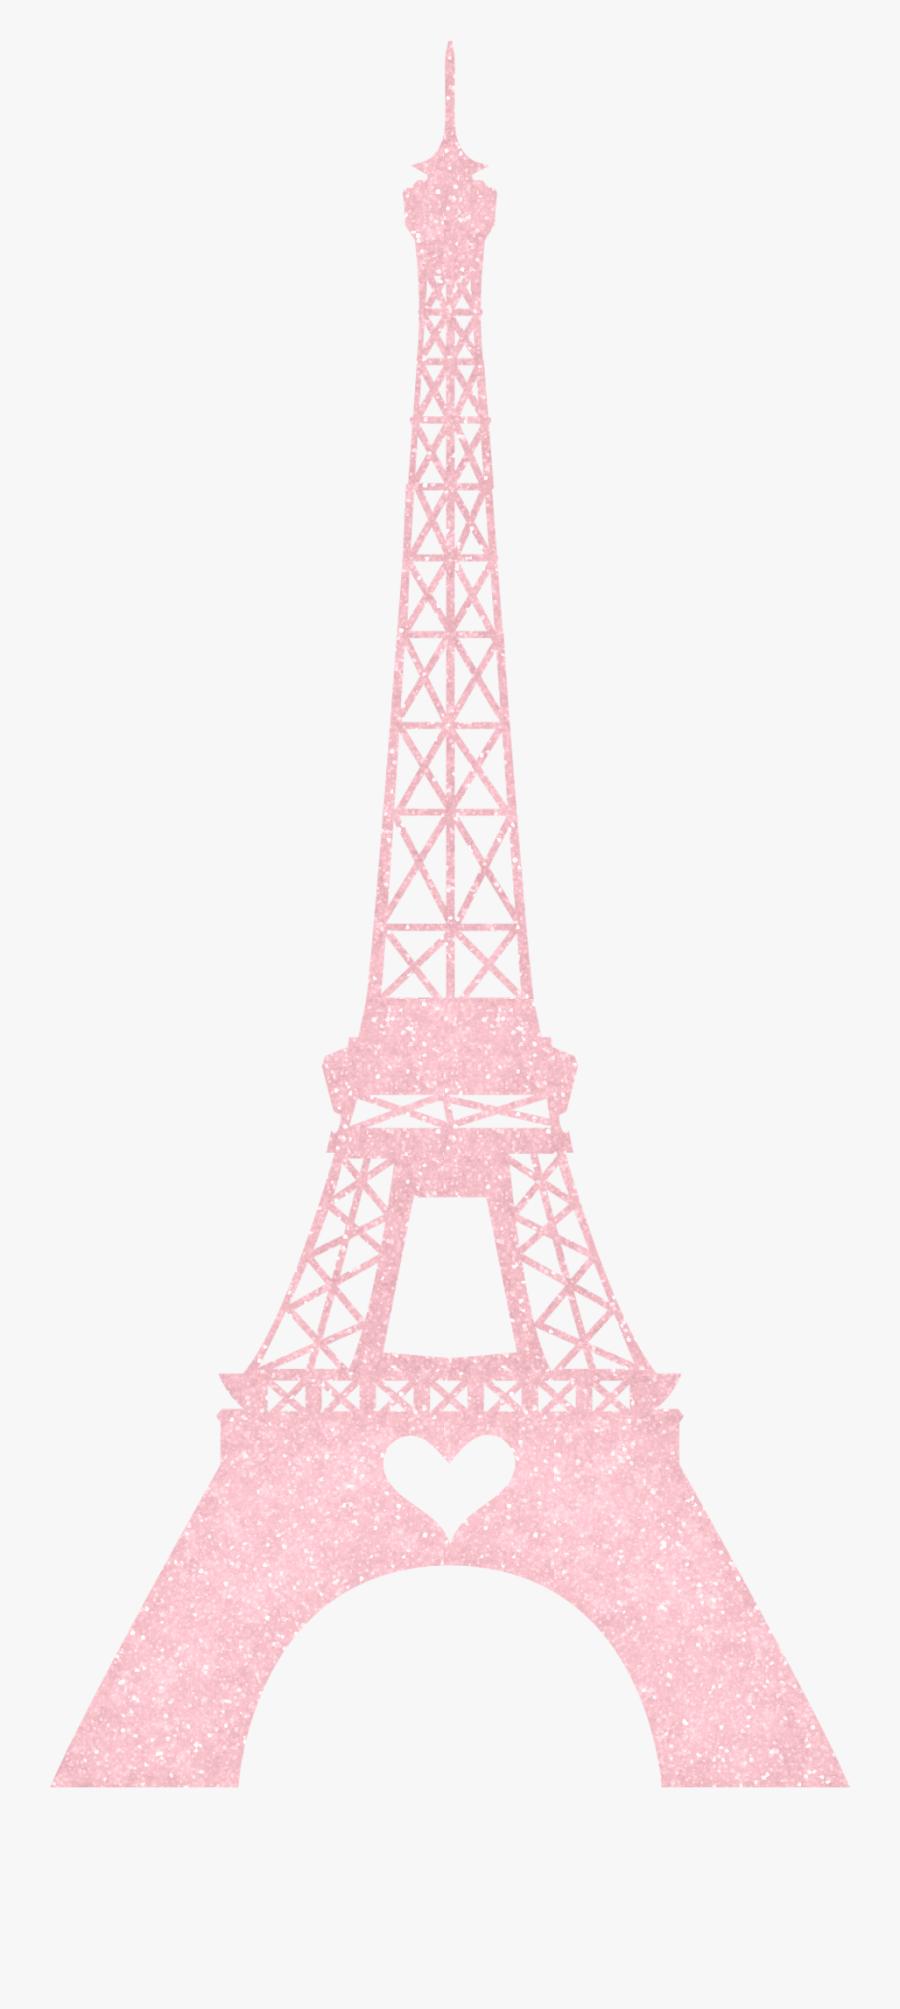 Torre Eiffel Paris Png, Transparent Clipart